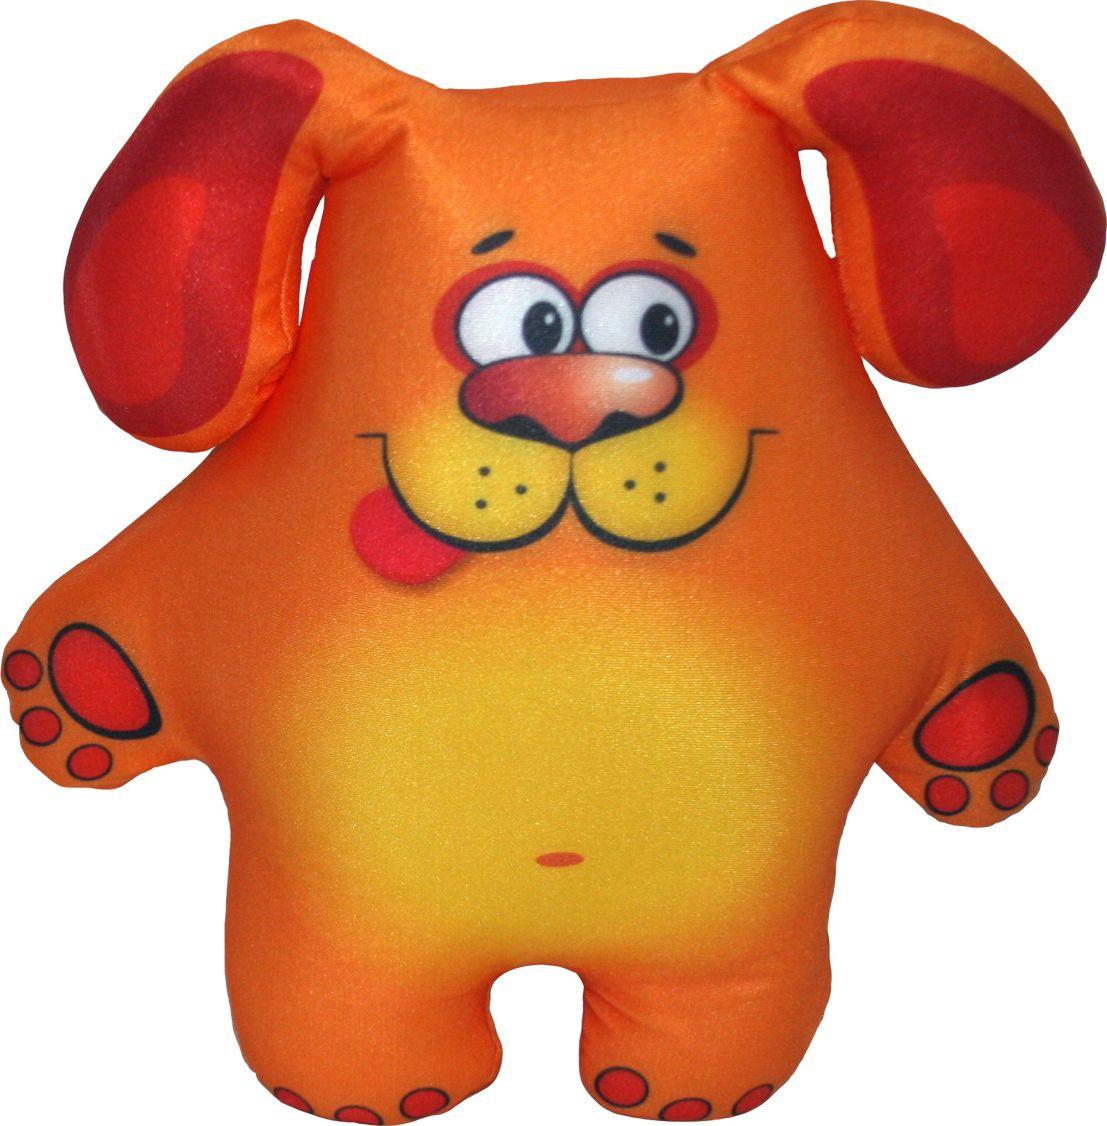 СмолТойс Мягкая игрушка Щенок-антистресс 31 см 2503/БЖ смолтойс мягкая игрушка зайка даша цвет салатовый 41 см